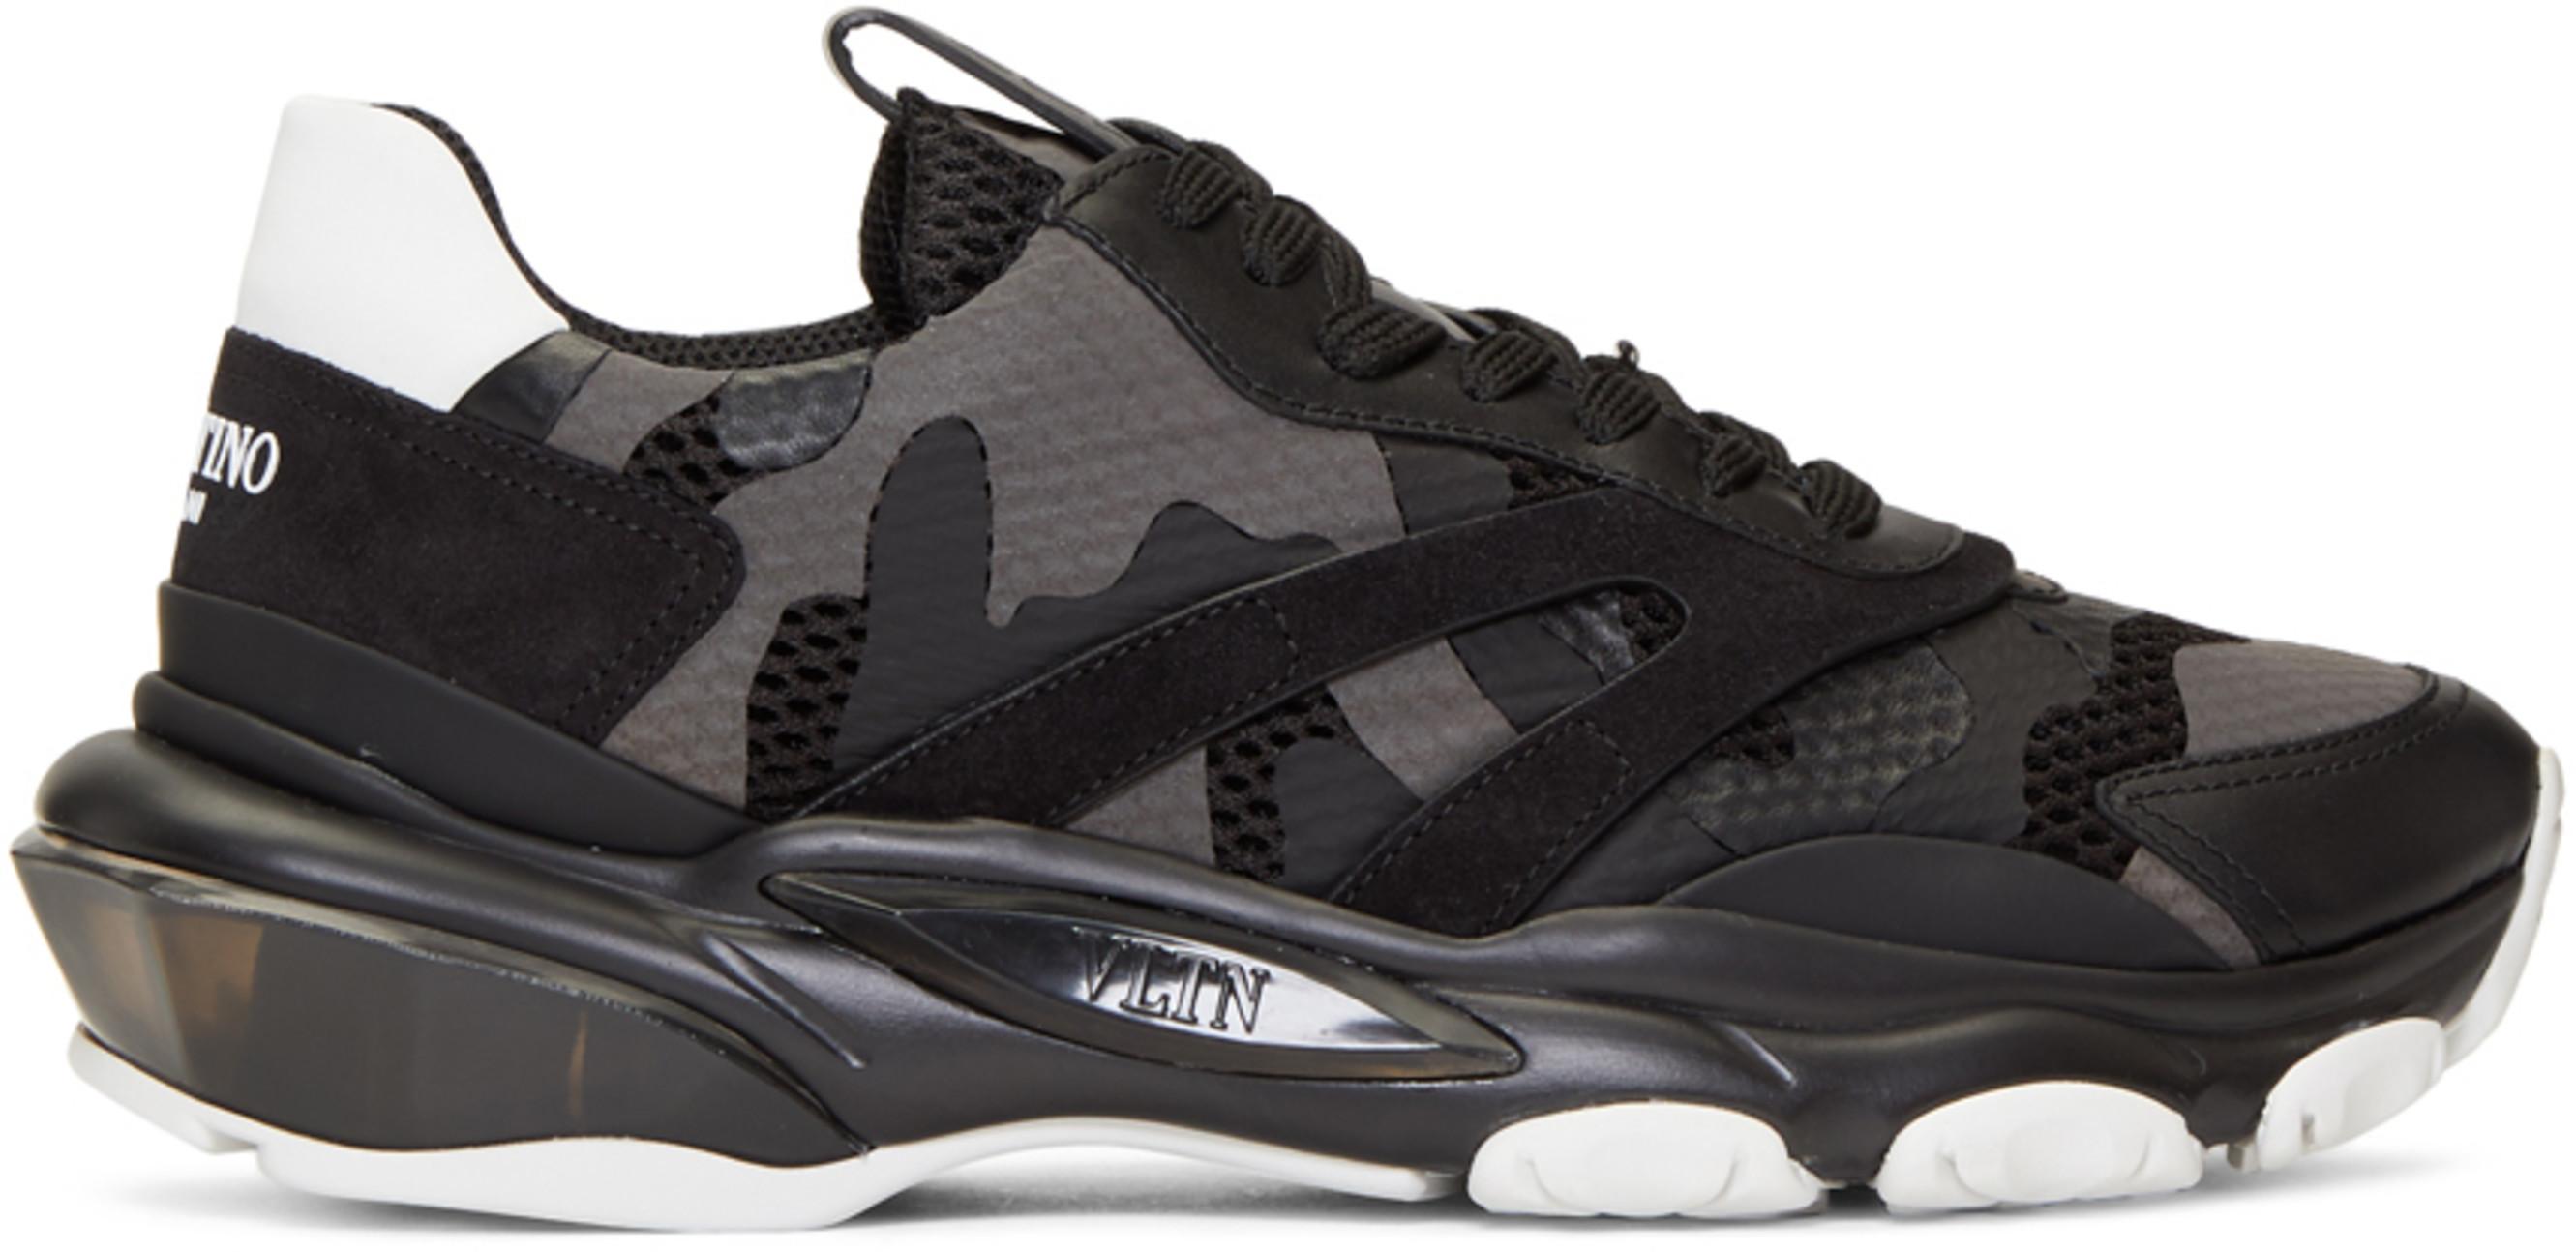 e255524ca02 Valentino shoes for Men